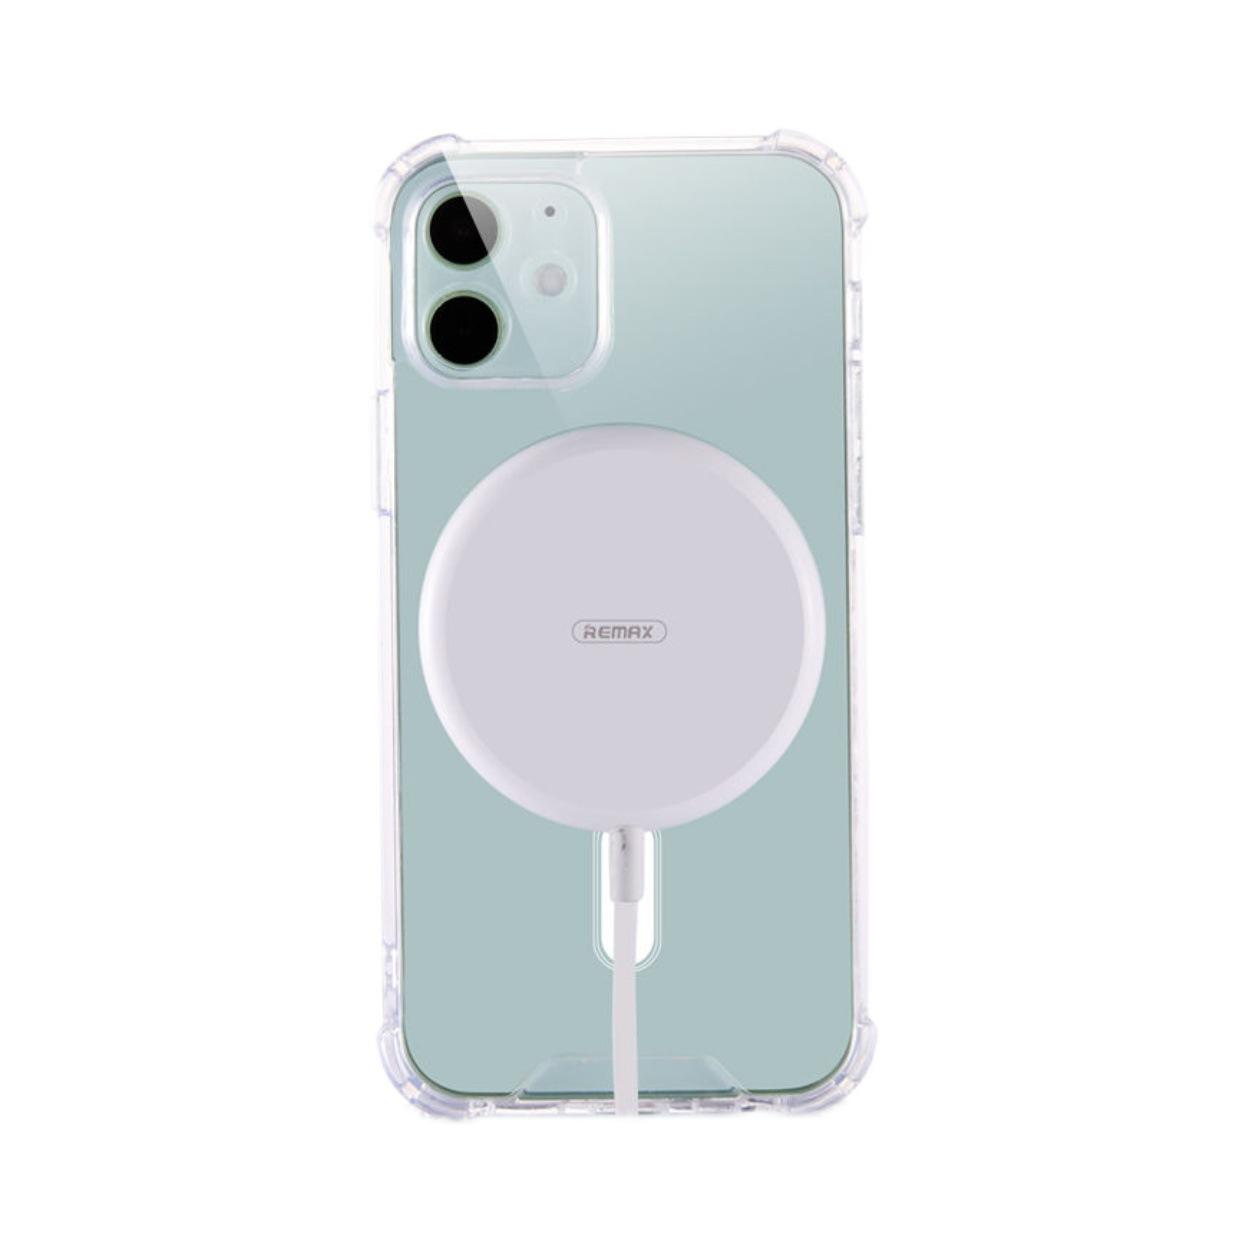 适用 Iphone13手机壳Magsafe无线磁吸苹果防摔透明保护套13promax